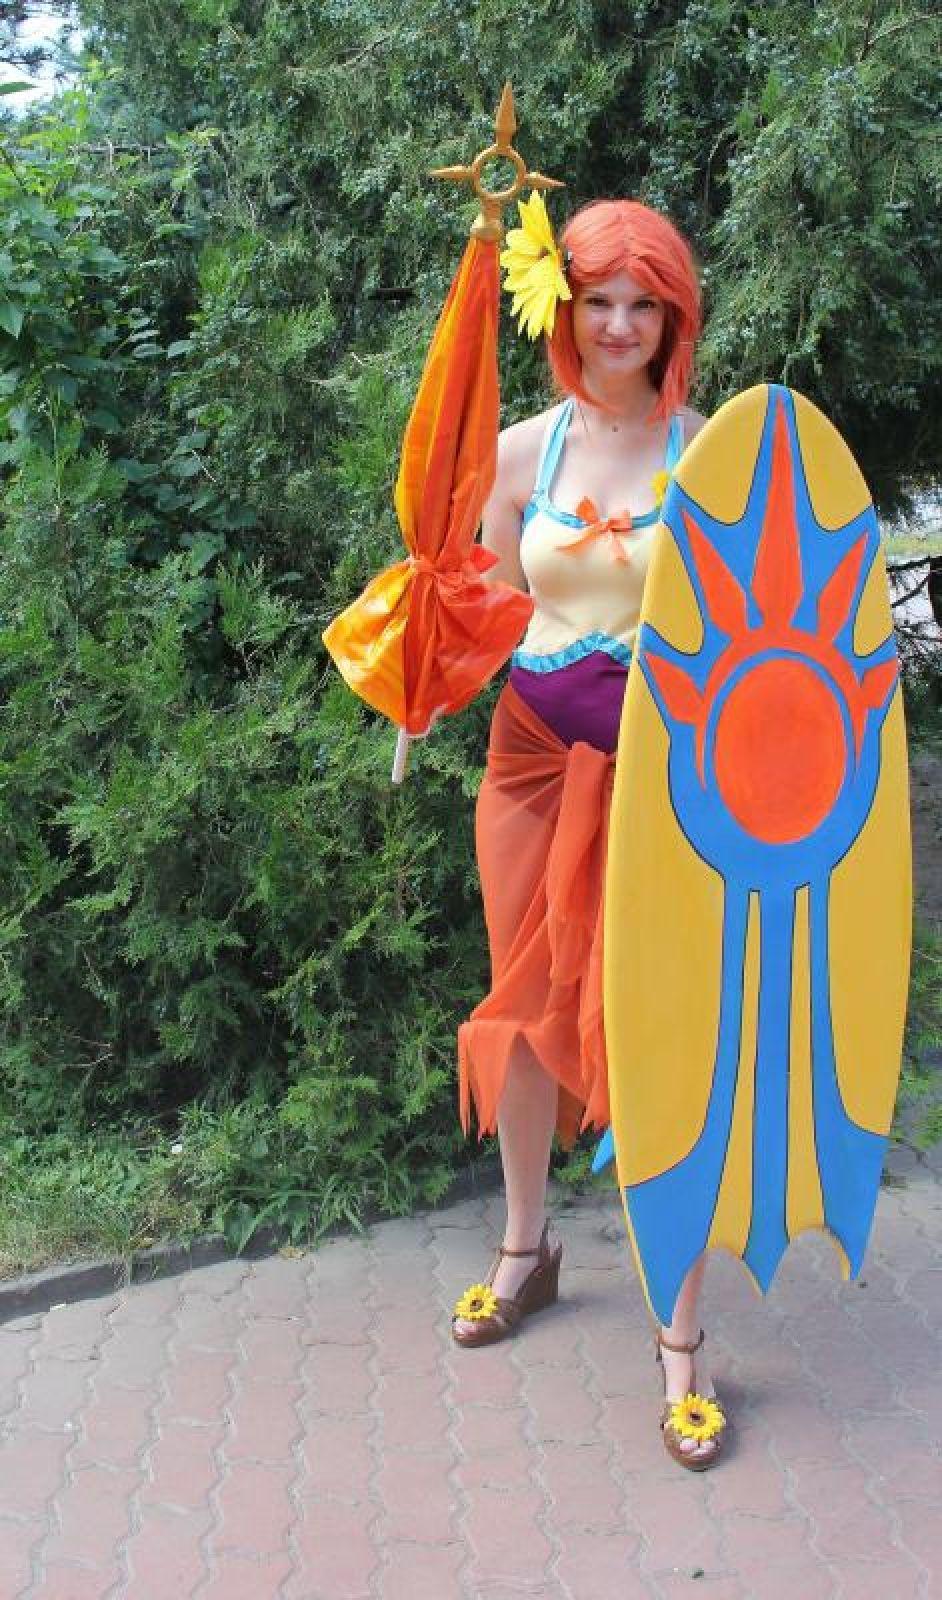 Темой его стала «Ranma» как аниме, так и организация, в паре с фондом японской анимации Япония-на-Дону заложившая основы фестиваля.